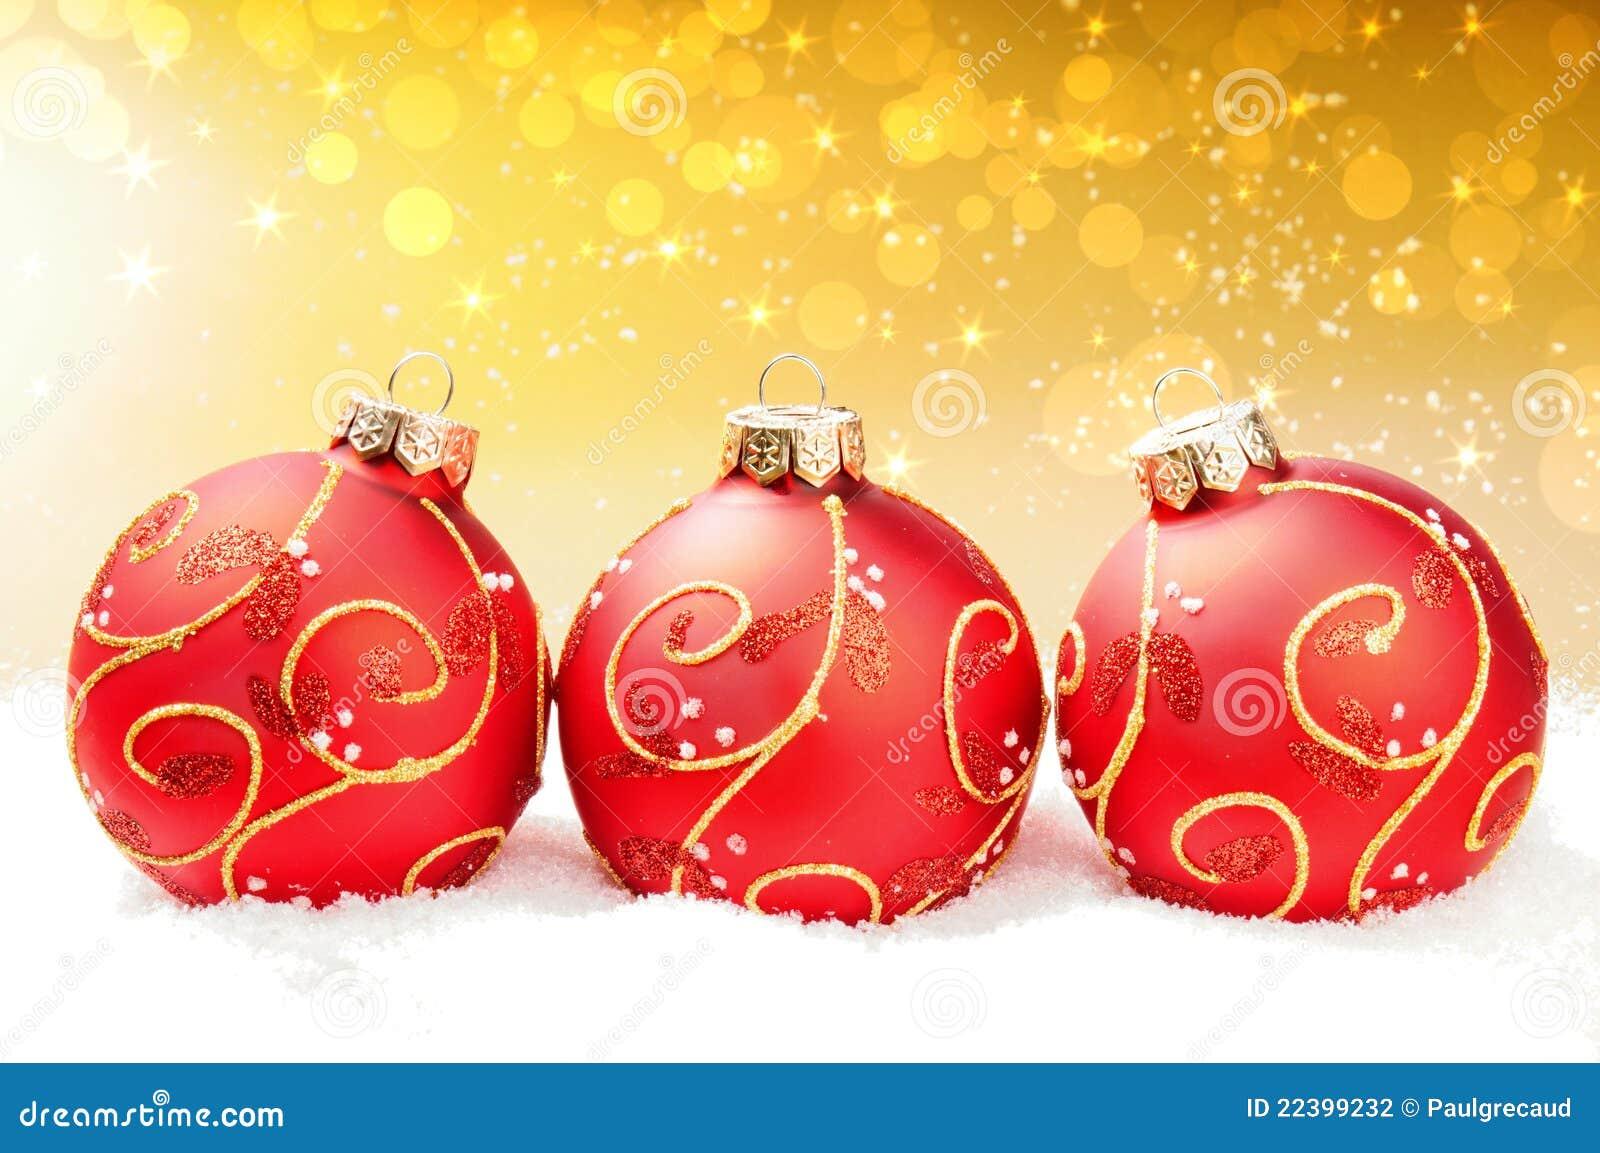 Bolas rojas de la navidad en fondo abstracto festivo - Bolas de navidad rojas ...